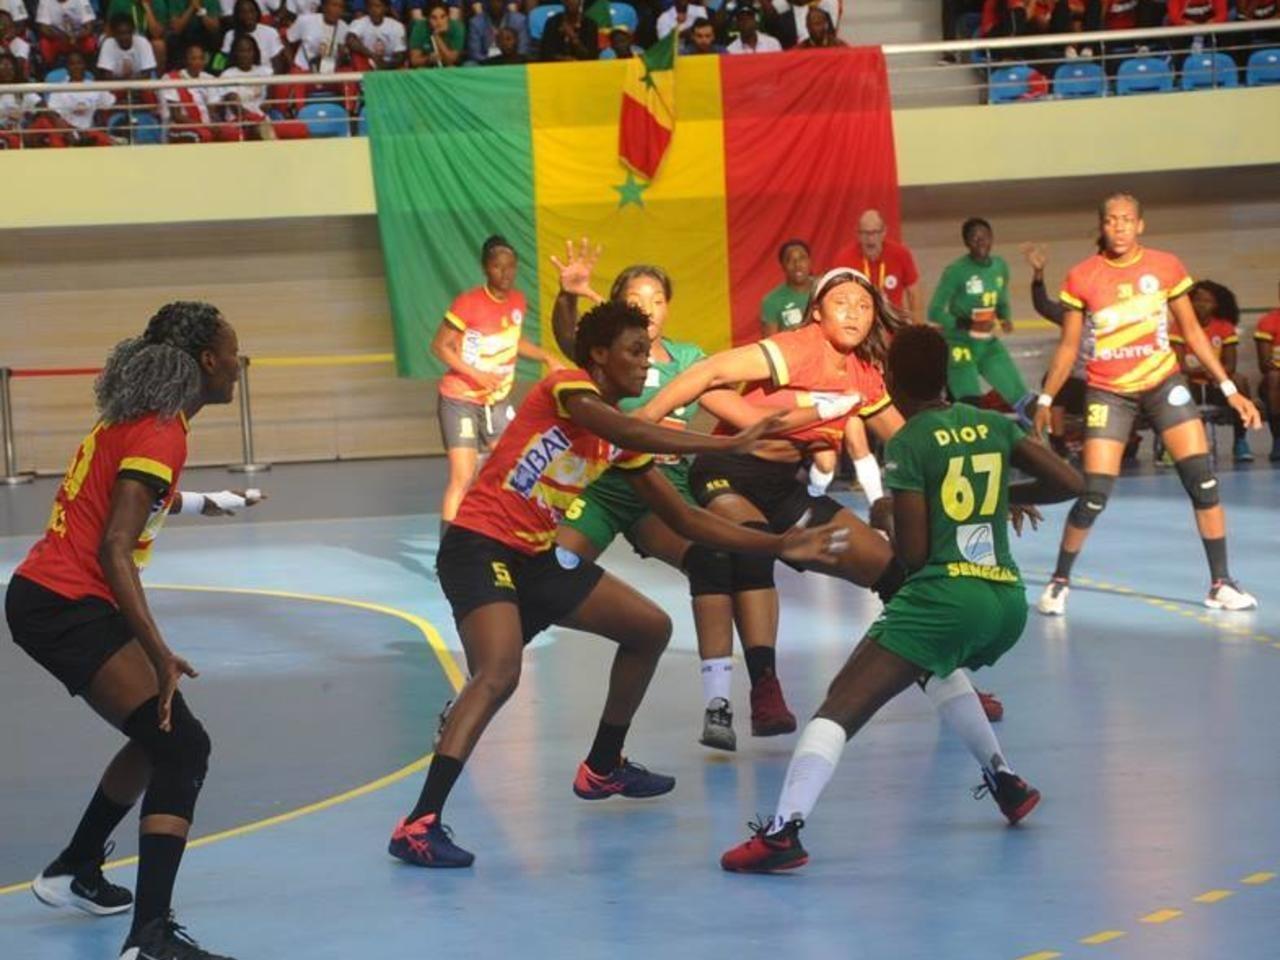 Le handball dans la tourmente : les acteurs constatent, dénoncent et prennent position ( Par Elhadji Abdoulaye Faye Badiane)